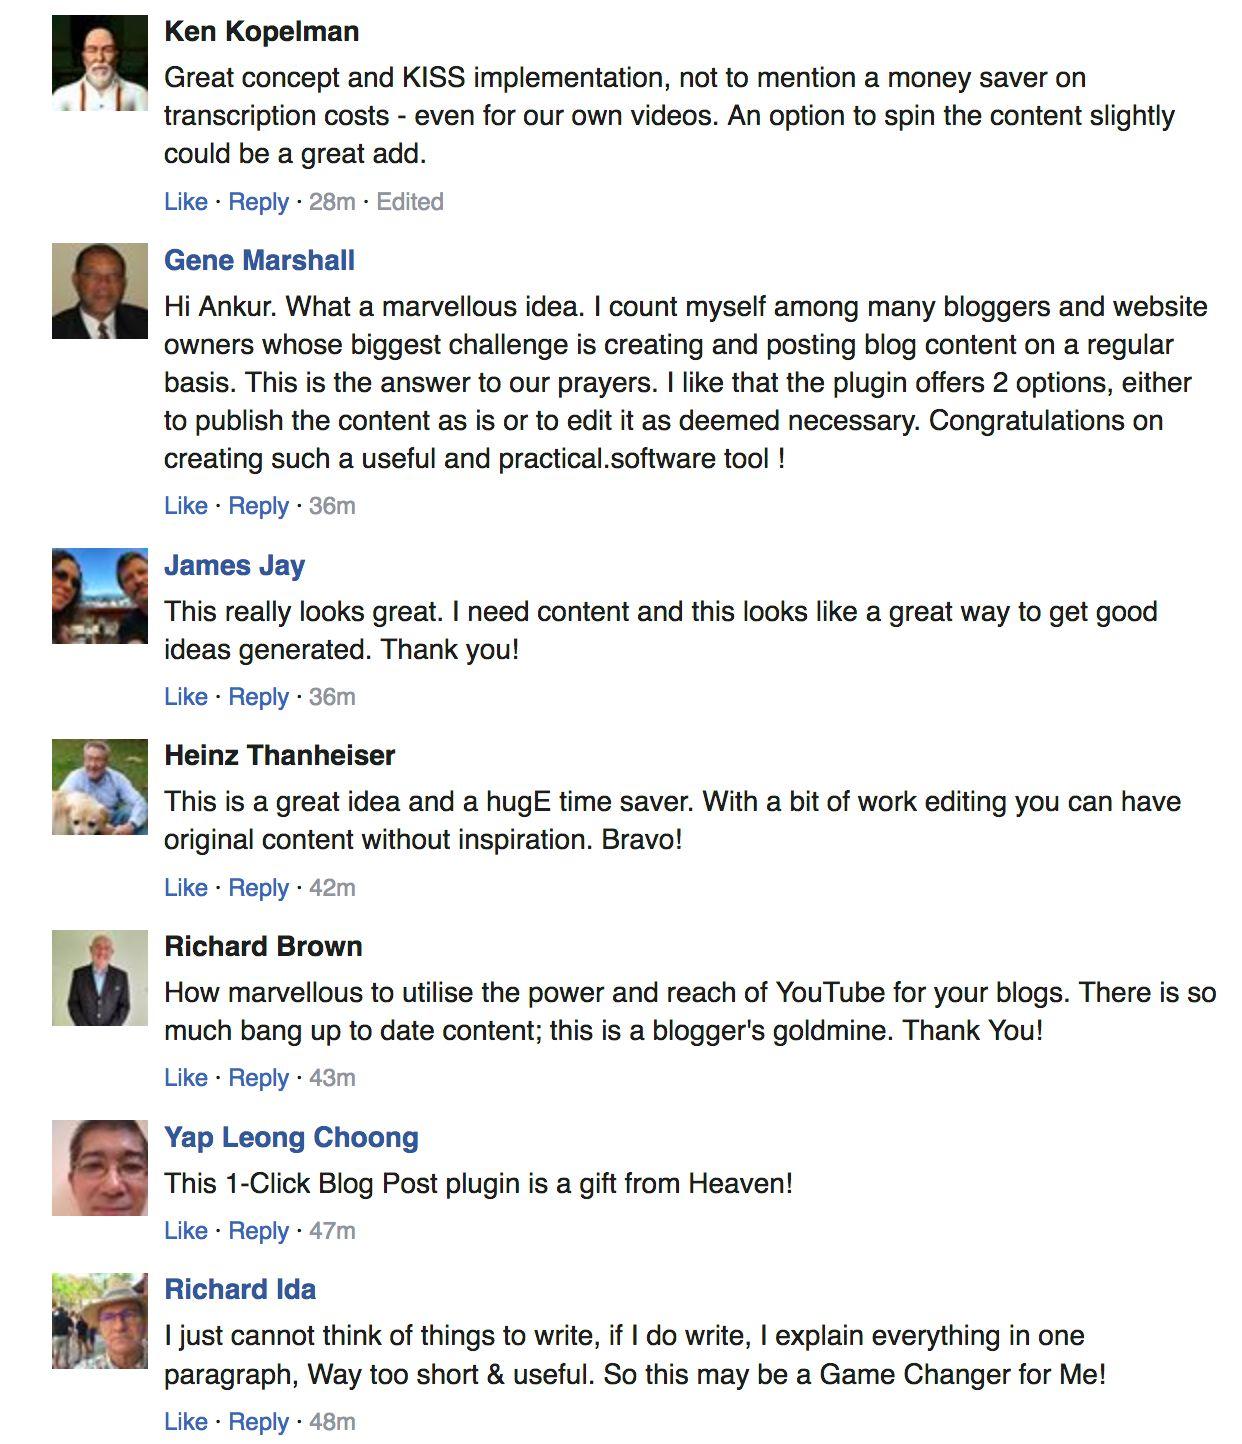 1-Click-Blog-Post-feedback-1